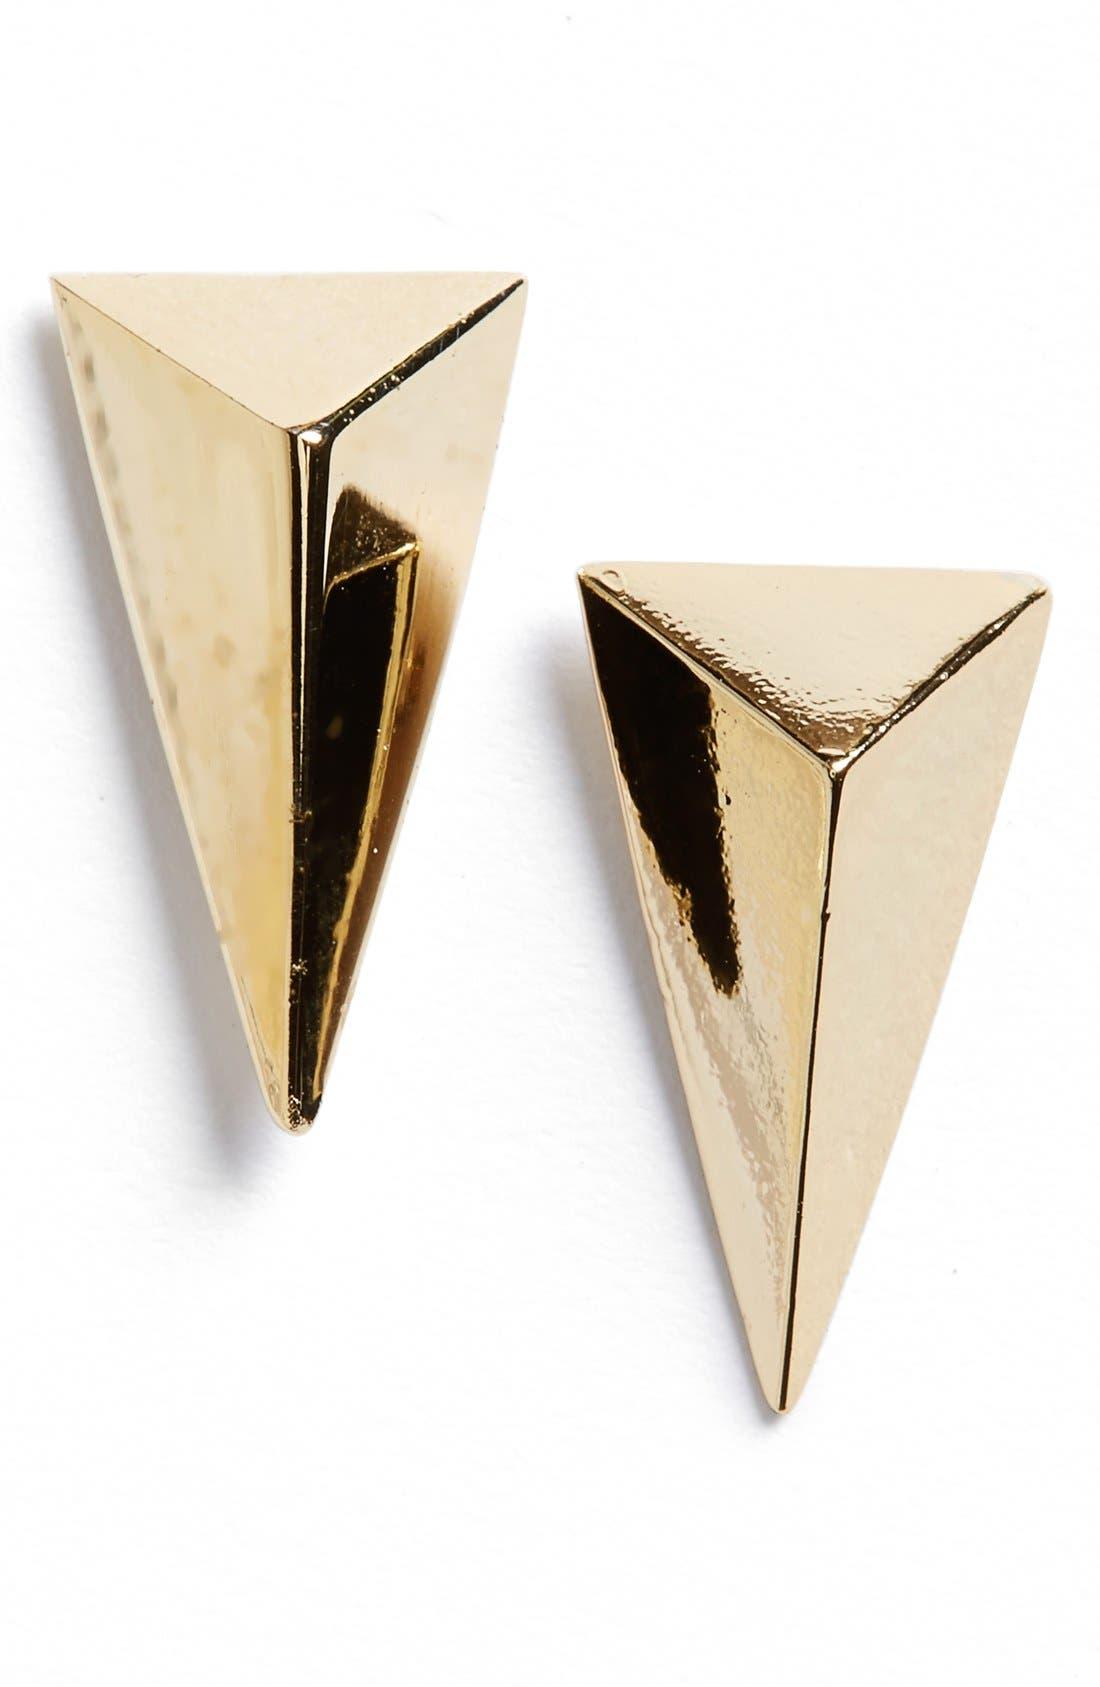 Alternate Image 1 Selected - Alexis Bittar 'Miss Havisham' Pyramid Stud Earrings